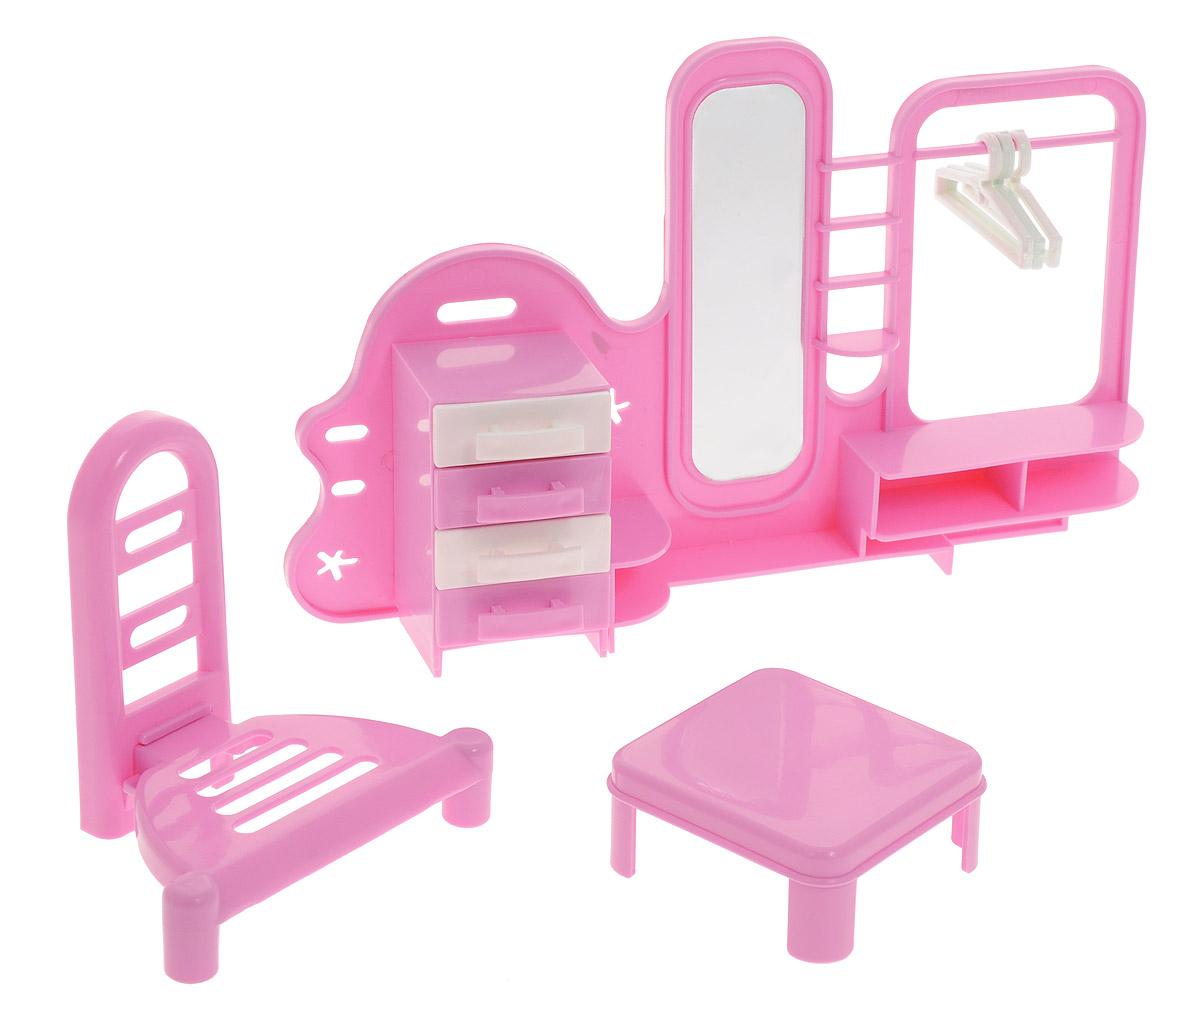 Форма Набор мебели для кукол ПрихожаяС-52-ФНабор мебели для куклы Прихожая отлично впишется в интерьер кукольного домика. Любой девочке хочется, чтобы у любимых кукол было как можно больше аксессуаров для интересных и увлекательных игр. Набор Прихожая включает в себя множество элементов: столик, стульчик, прихожая с безопасным зеркалом, тремя вешалками и тумбочкой. Шкафчики у тумбочки выдвигаются. Все предметы выполнены из безопасного материала в приятной цветовой гамме. Набор может использоваться в качестве интерьера для прихожей в кукольном домике. Набор кукольной мебели для прихожей - отличный подарок для маленькой принцессы и ее кукол.